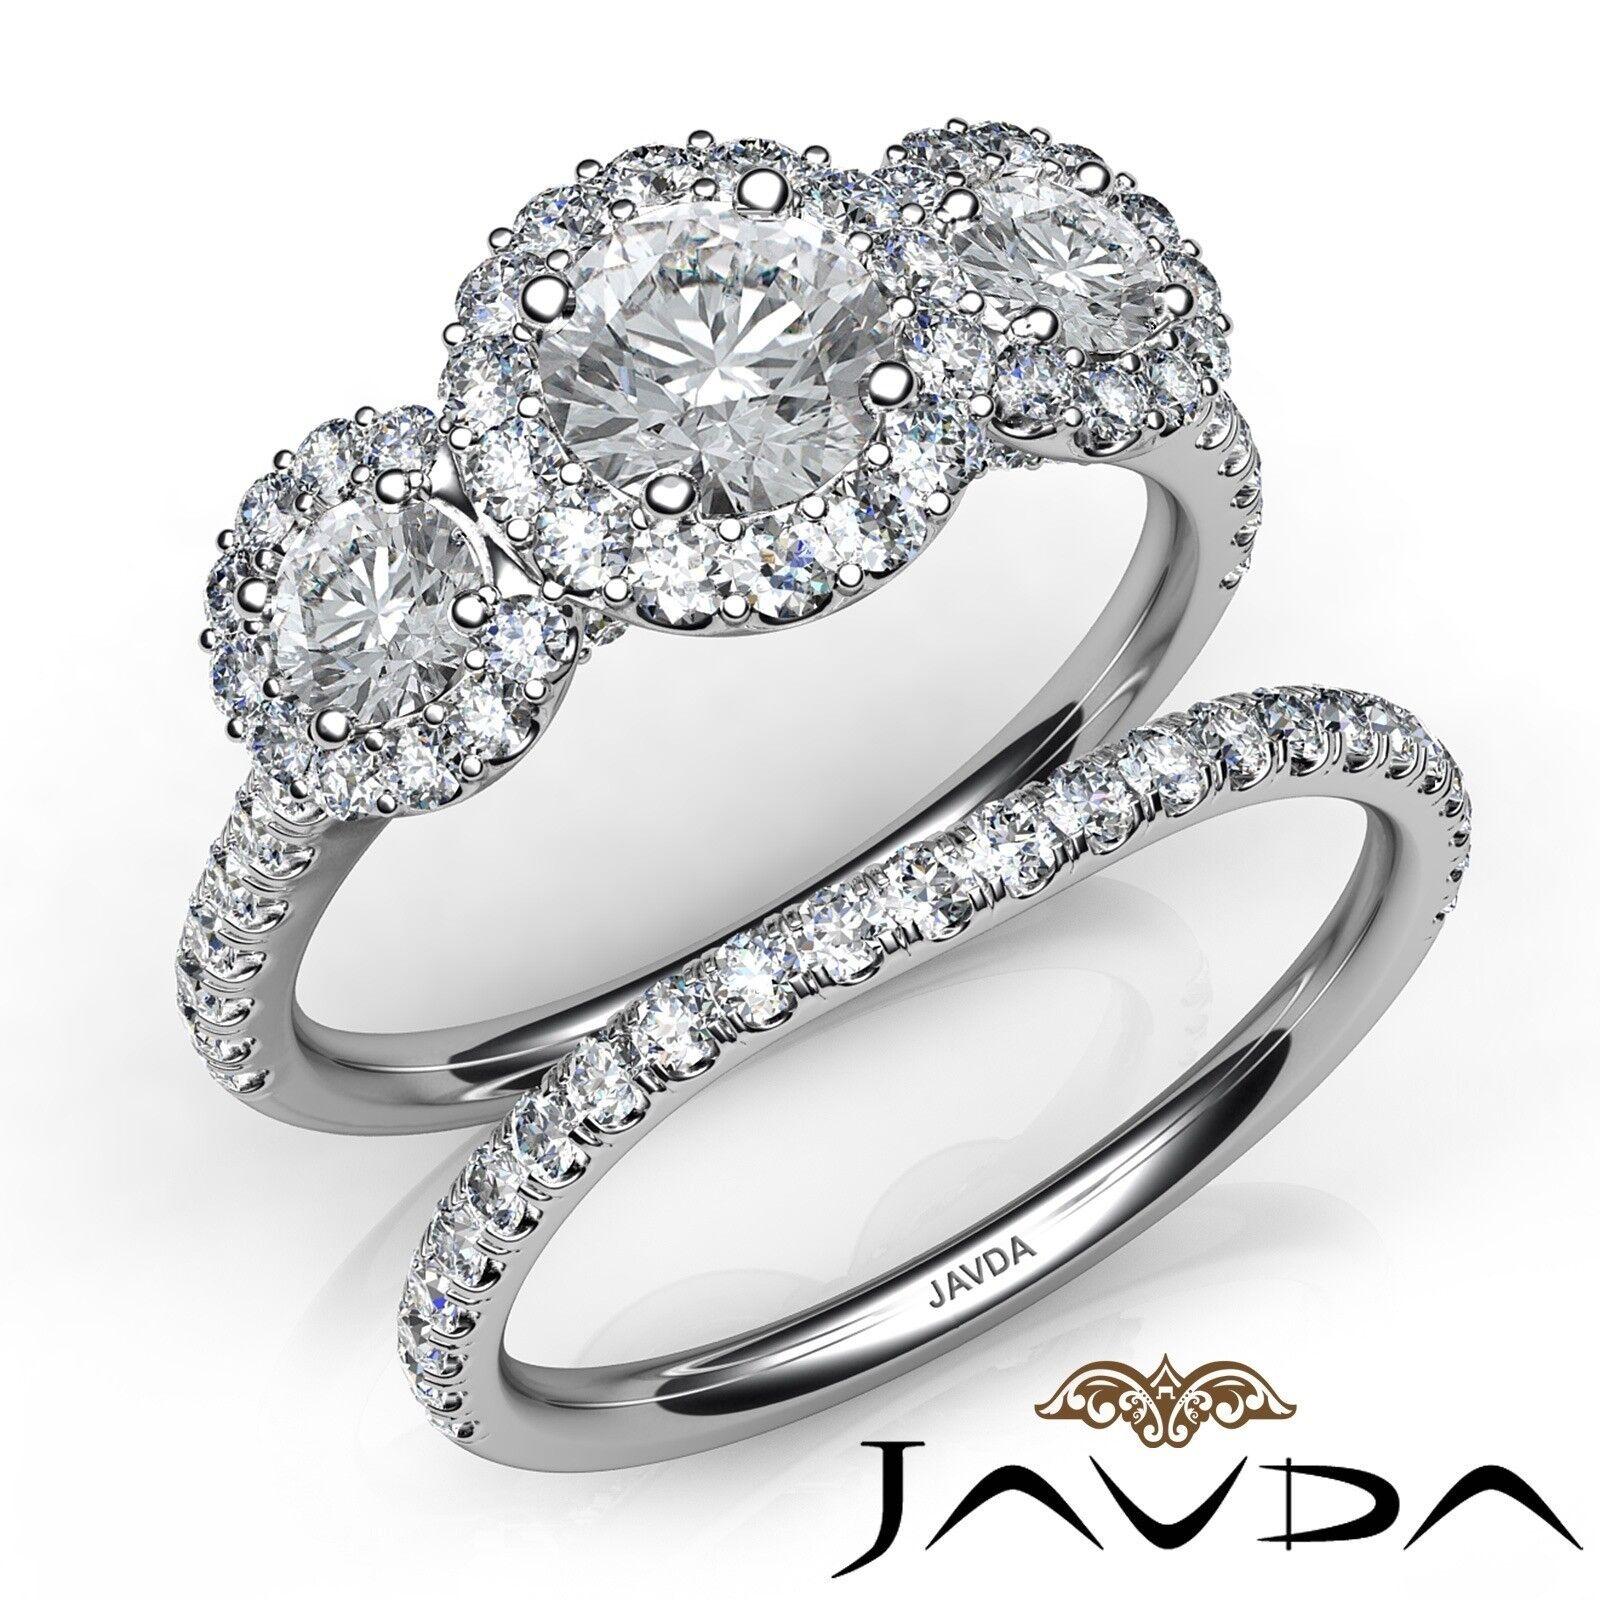 1.85ct 3 Stone Halo Bridal Set Round Diamond Engagement Ring GIA I-IF White Gold